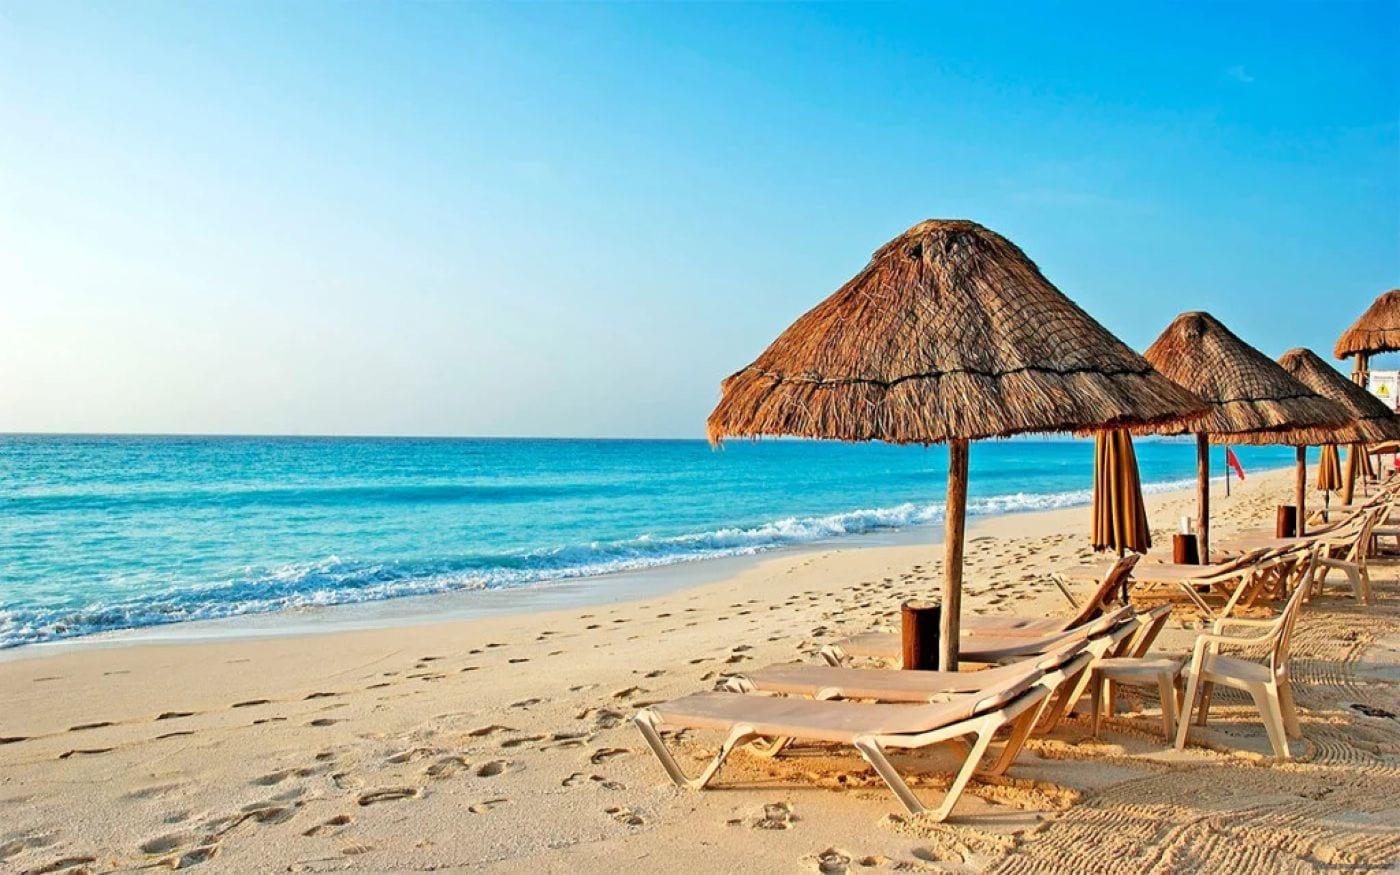 Куда поехать отдыхать на море без визы в марте в 2020 году: страны для пляжного отдыха